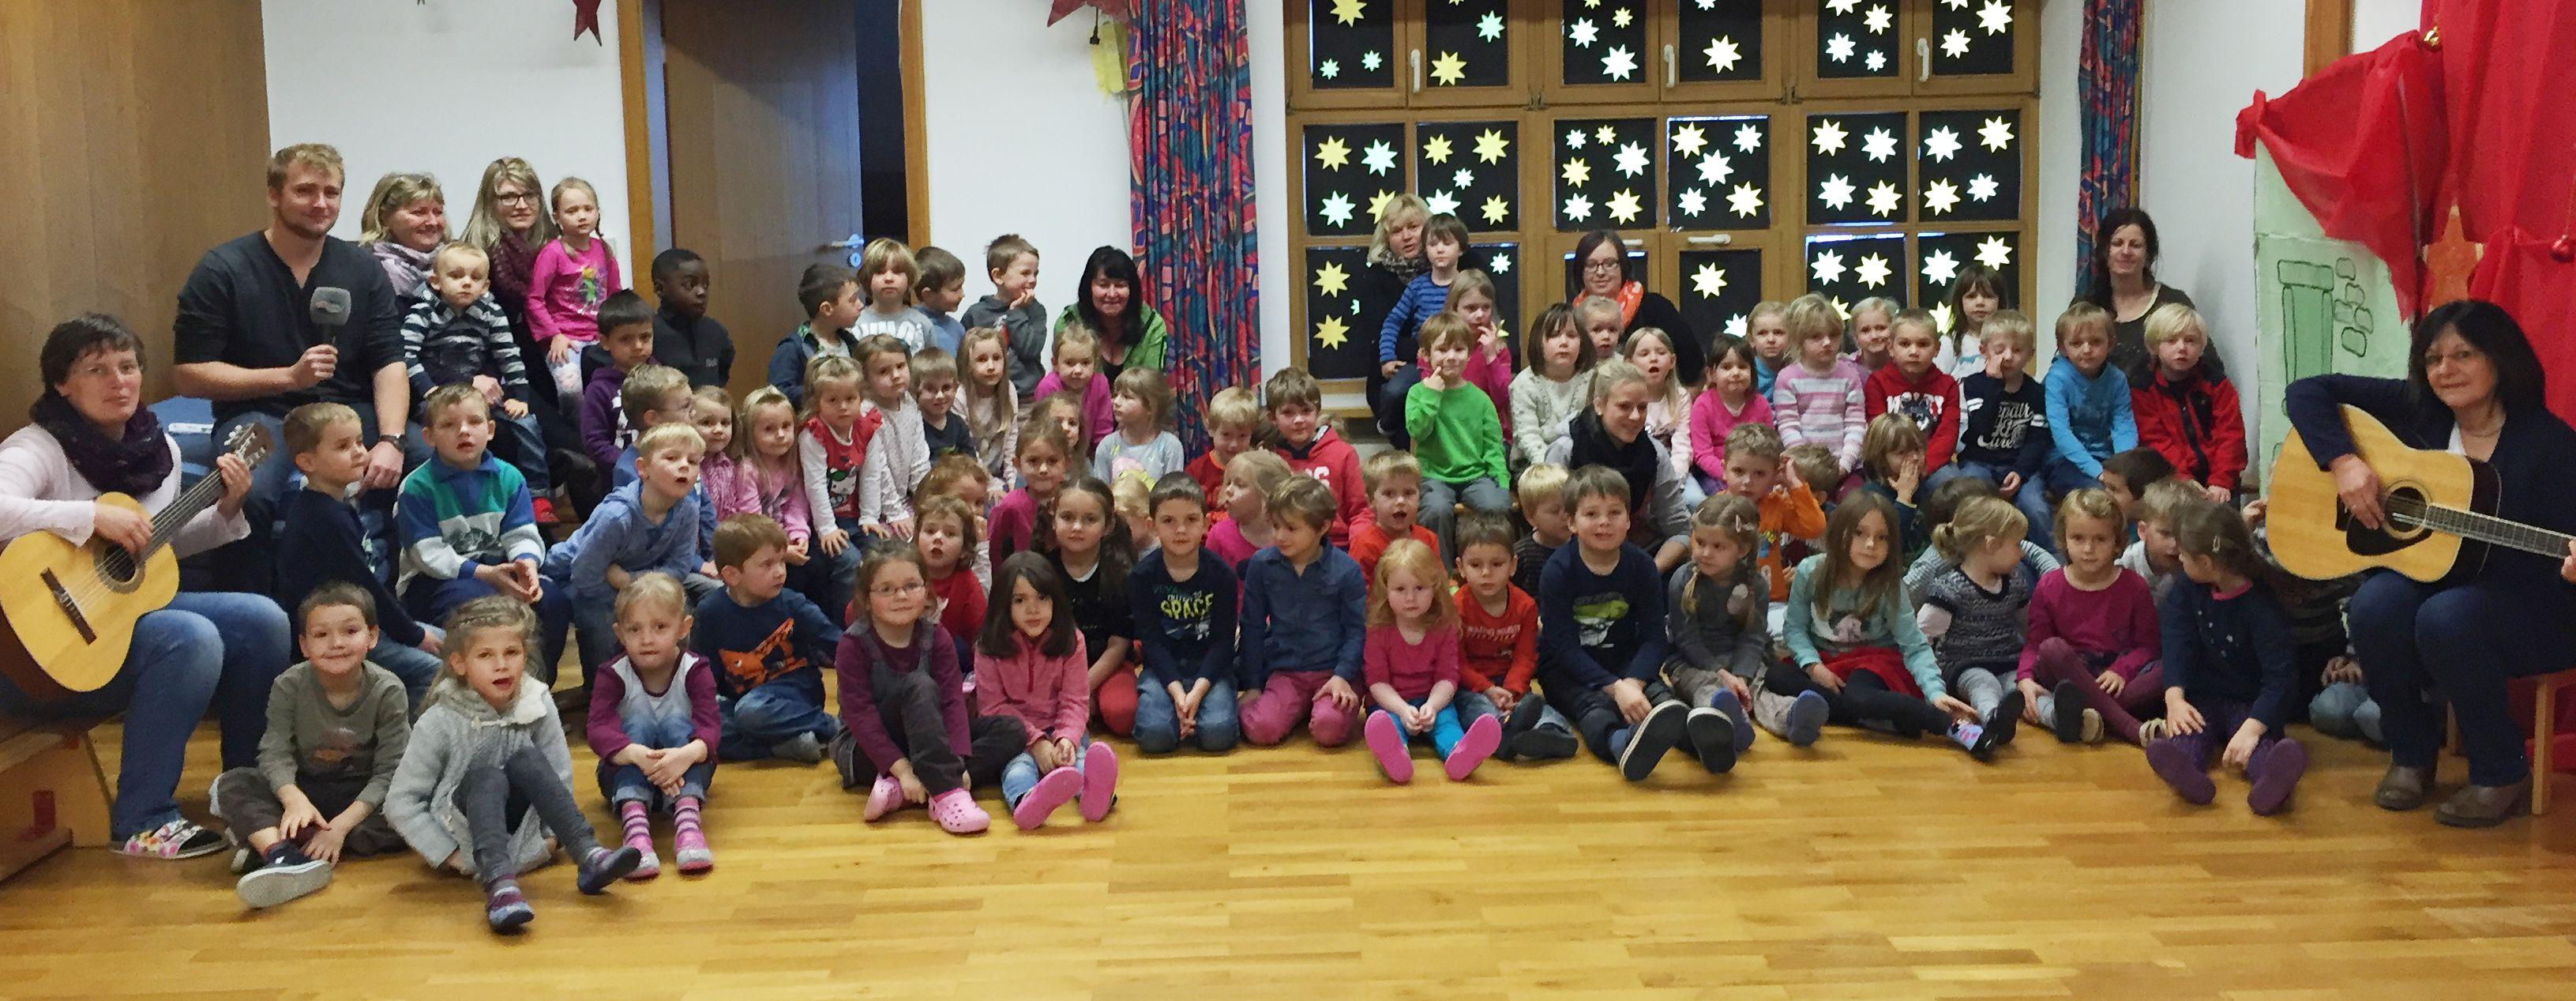 Weihnachtslied Kindergarten Inzell